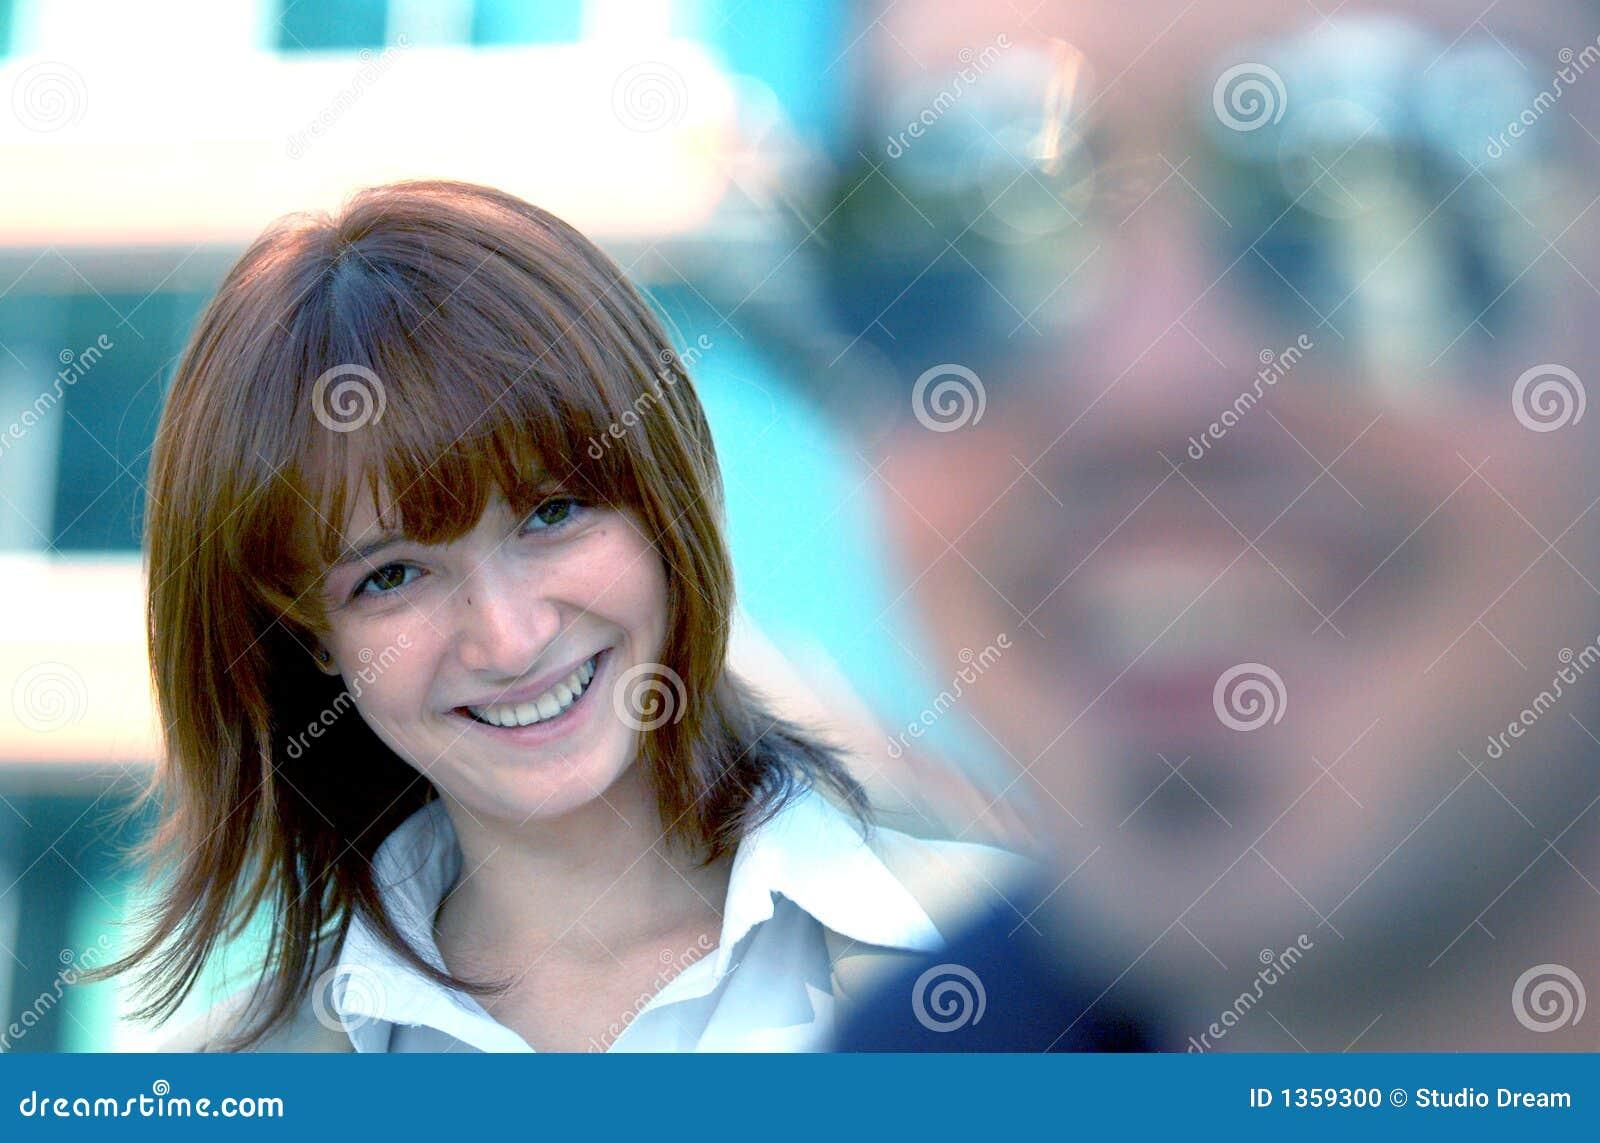 Flirtatious Smile